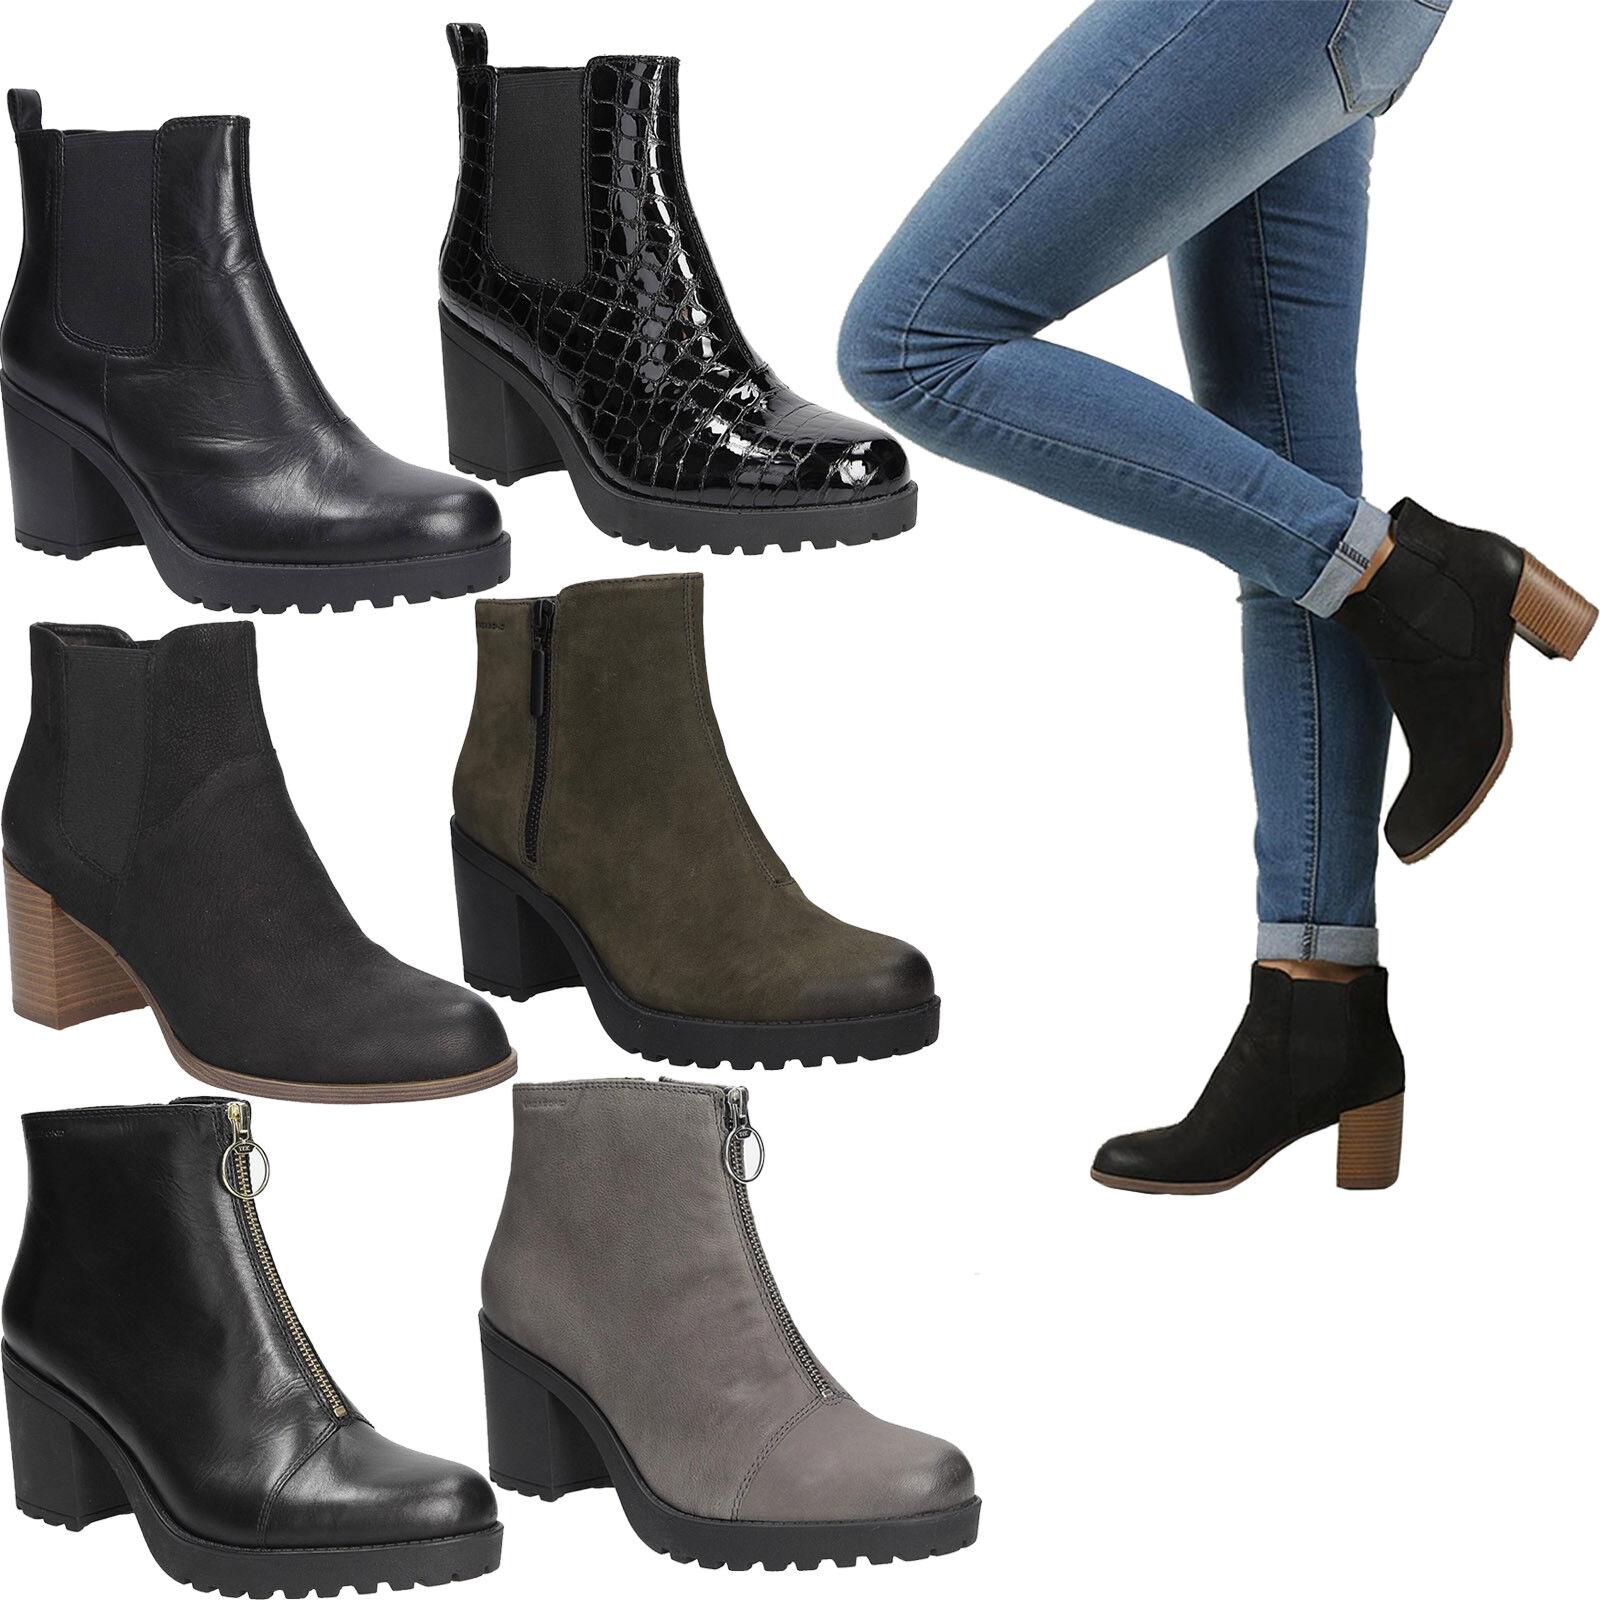 orden ahora con gran descuento y entrega gratuita Zapatos señora zapatos zapatos zapatos Vagabond botas botines de cuero genuino botín cómomujerte sale  Entrega rápida y envío gratis en todos los pedidos.